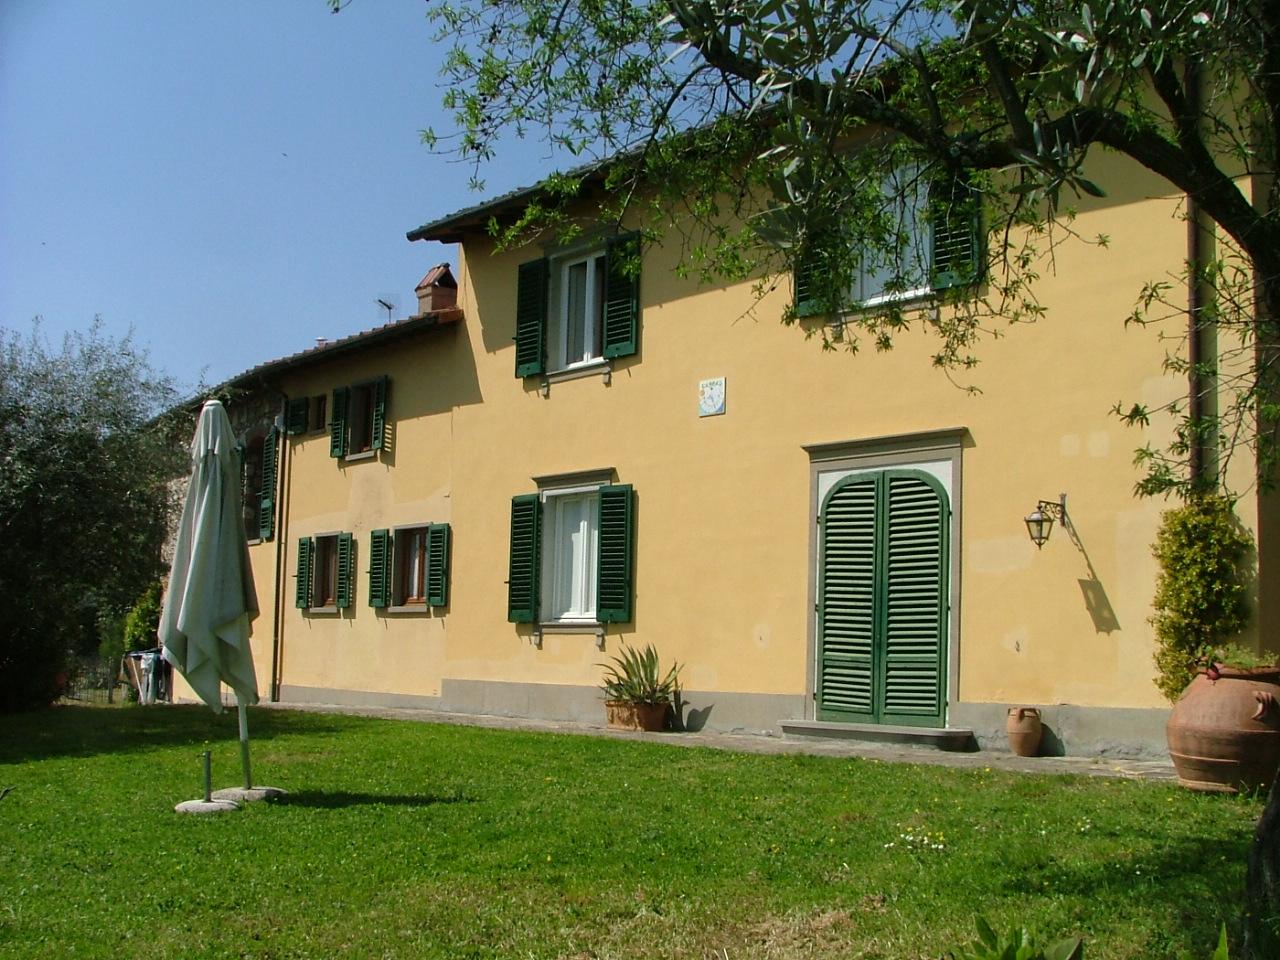 Casa colonica in vendita a Poggio Bati: una splendida ...